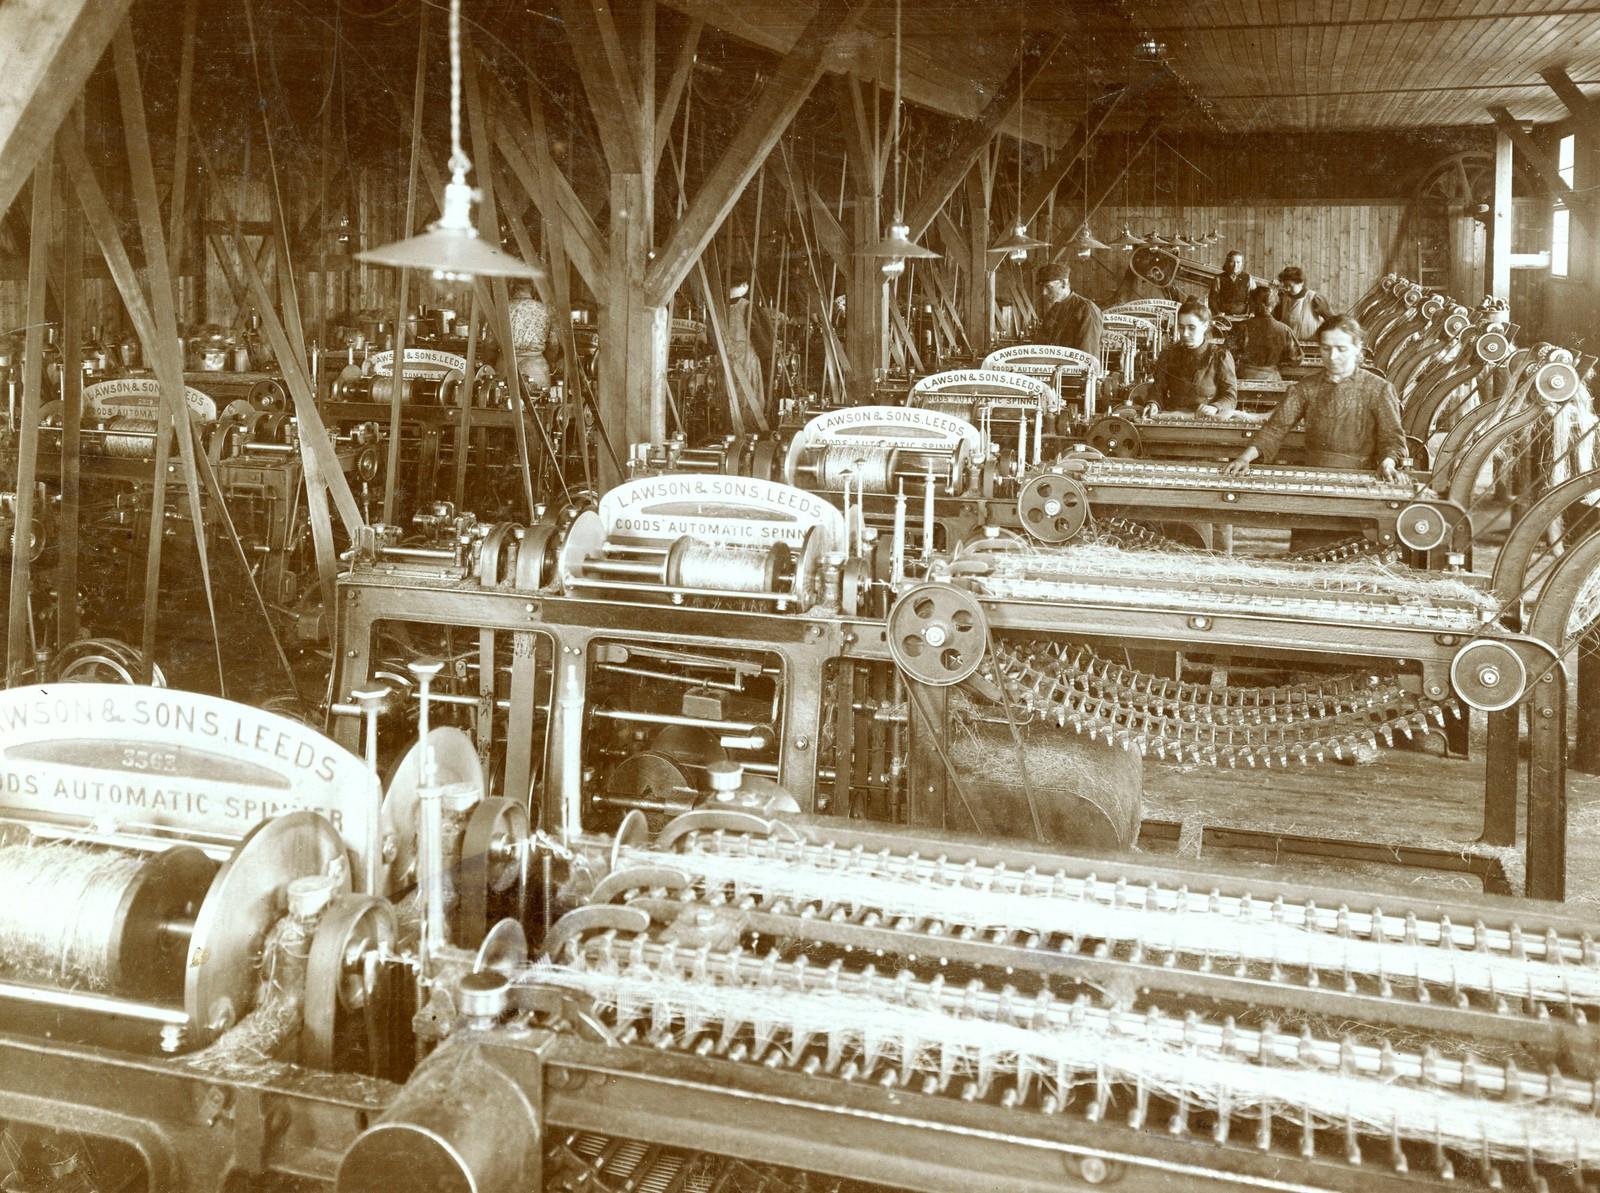 """Kvinner ved spinnerimaskin """"Automatic"""" 1910. Udatert. Fotograf ukjent?"""